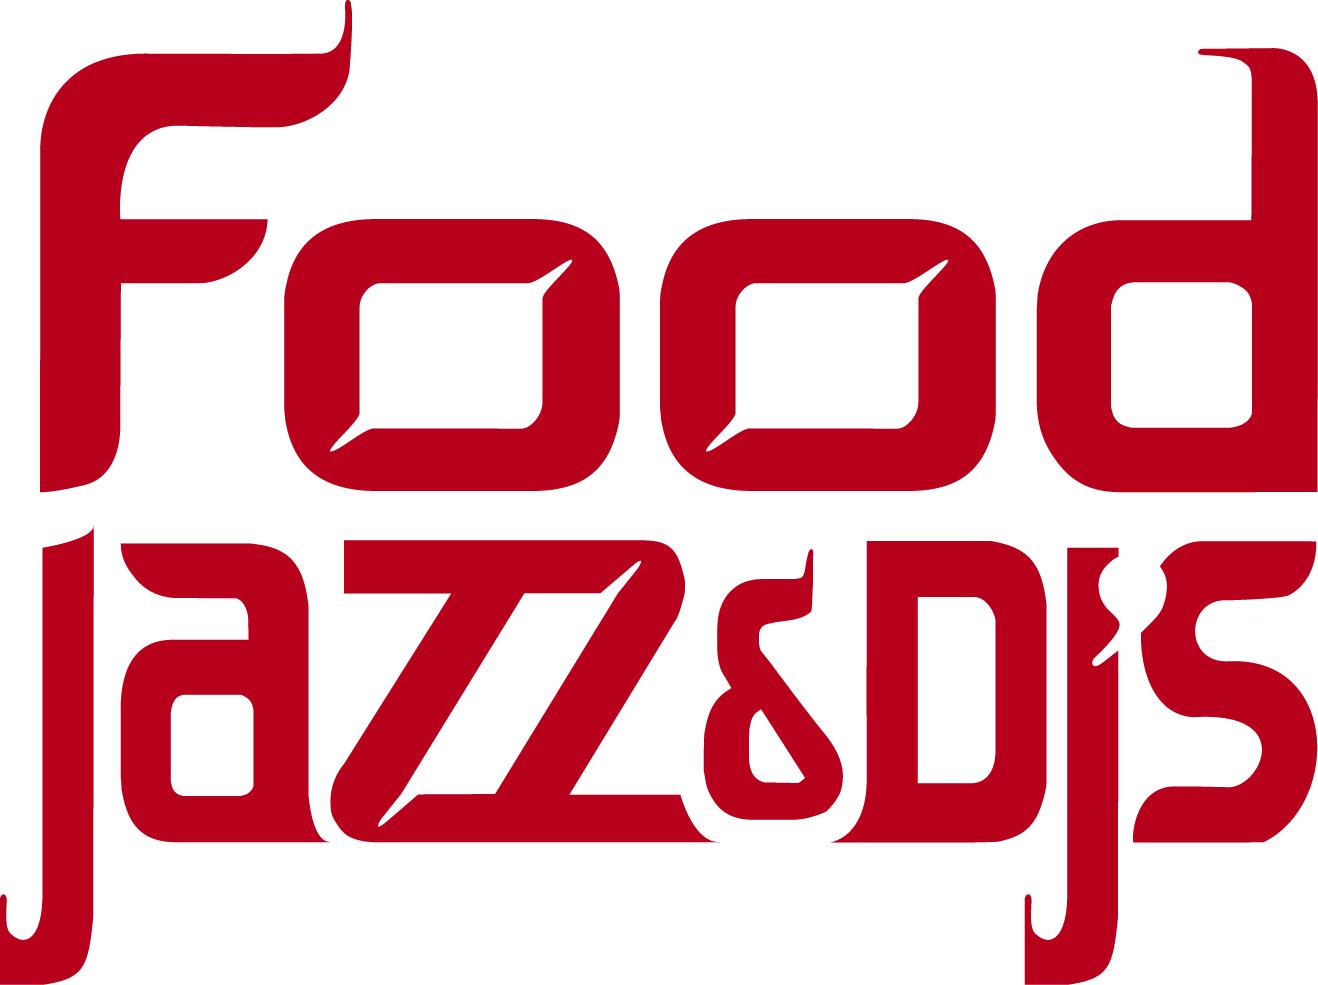 Food Jazz & DJ's - Food Jazz & Dj's is een culinair evenementenbureau dat opvalt door haar creatieve en ongedwongen manier van koken en organiseren.